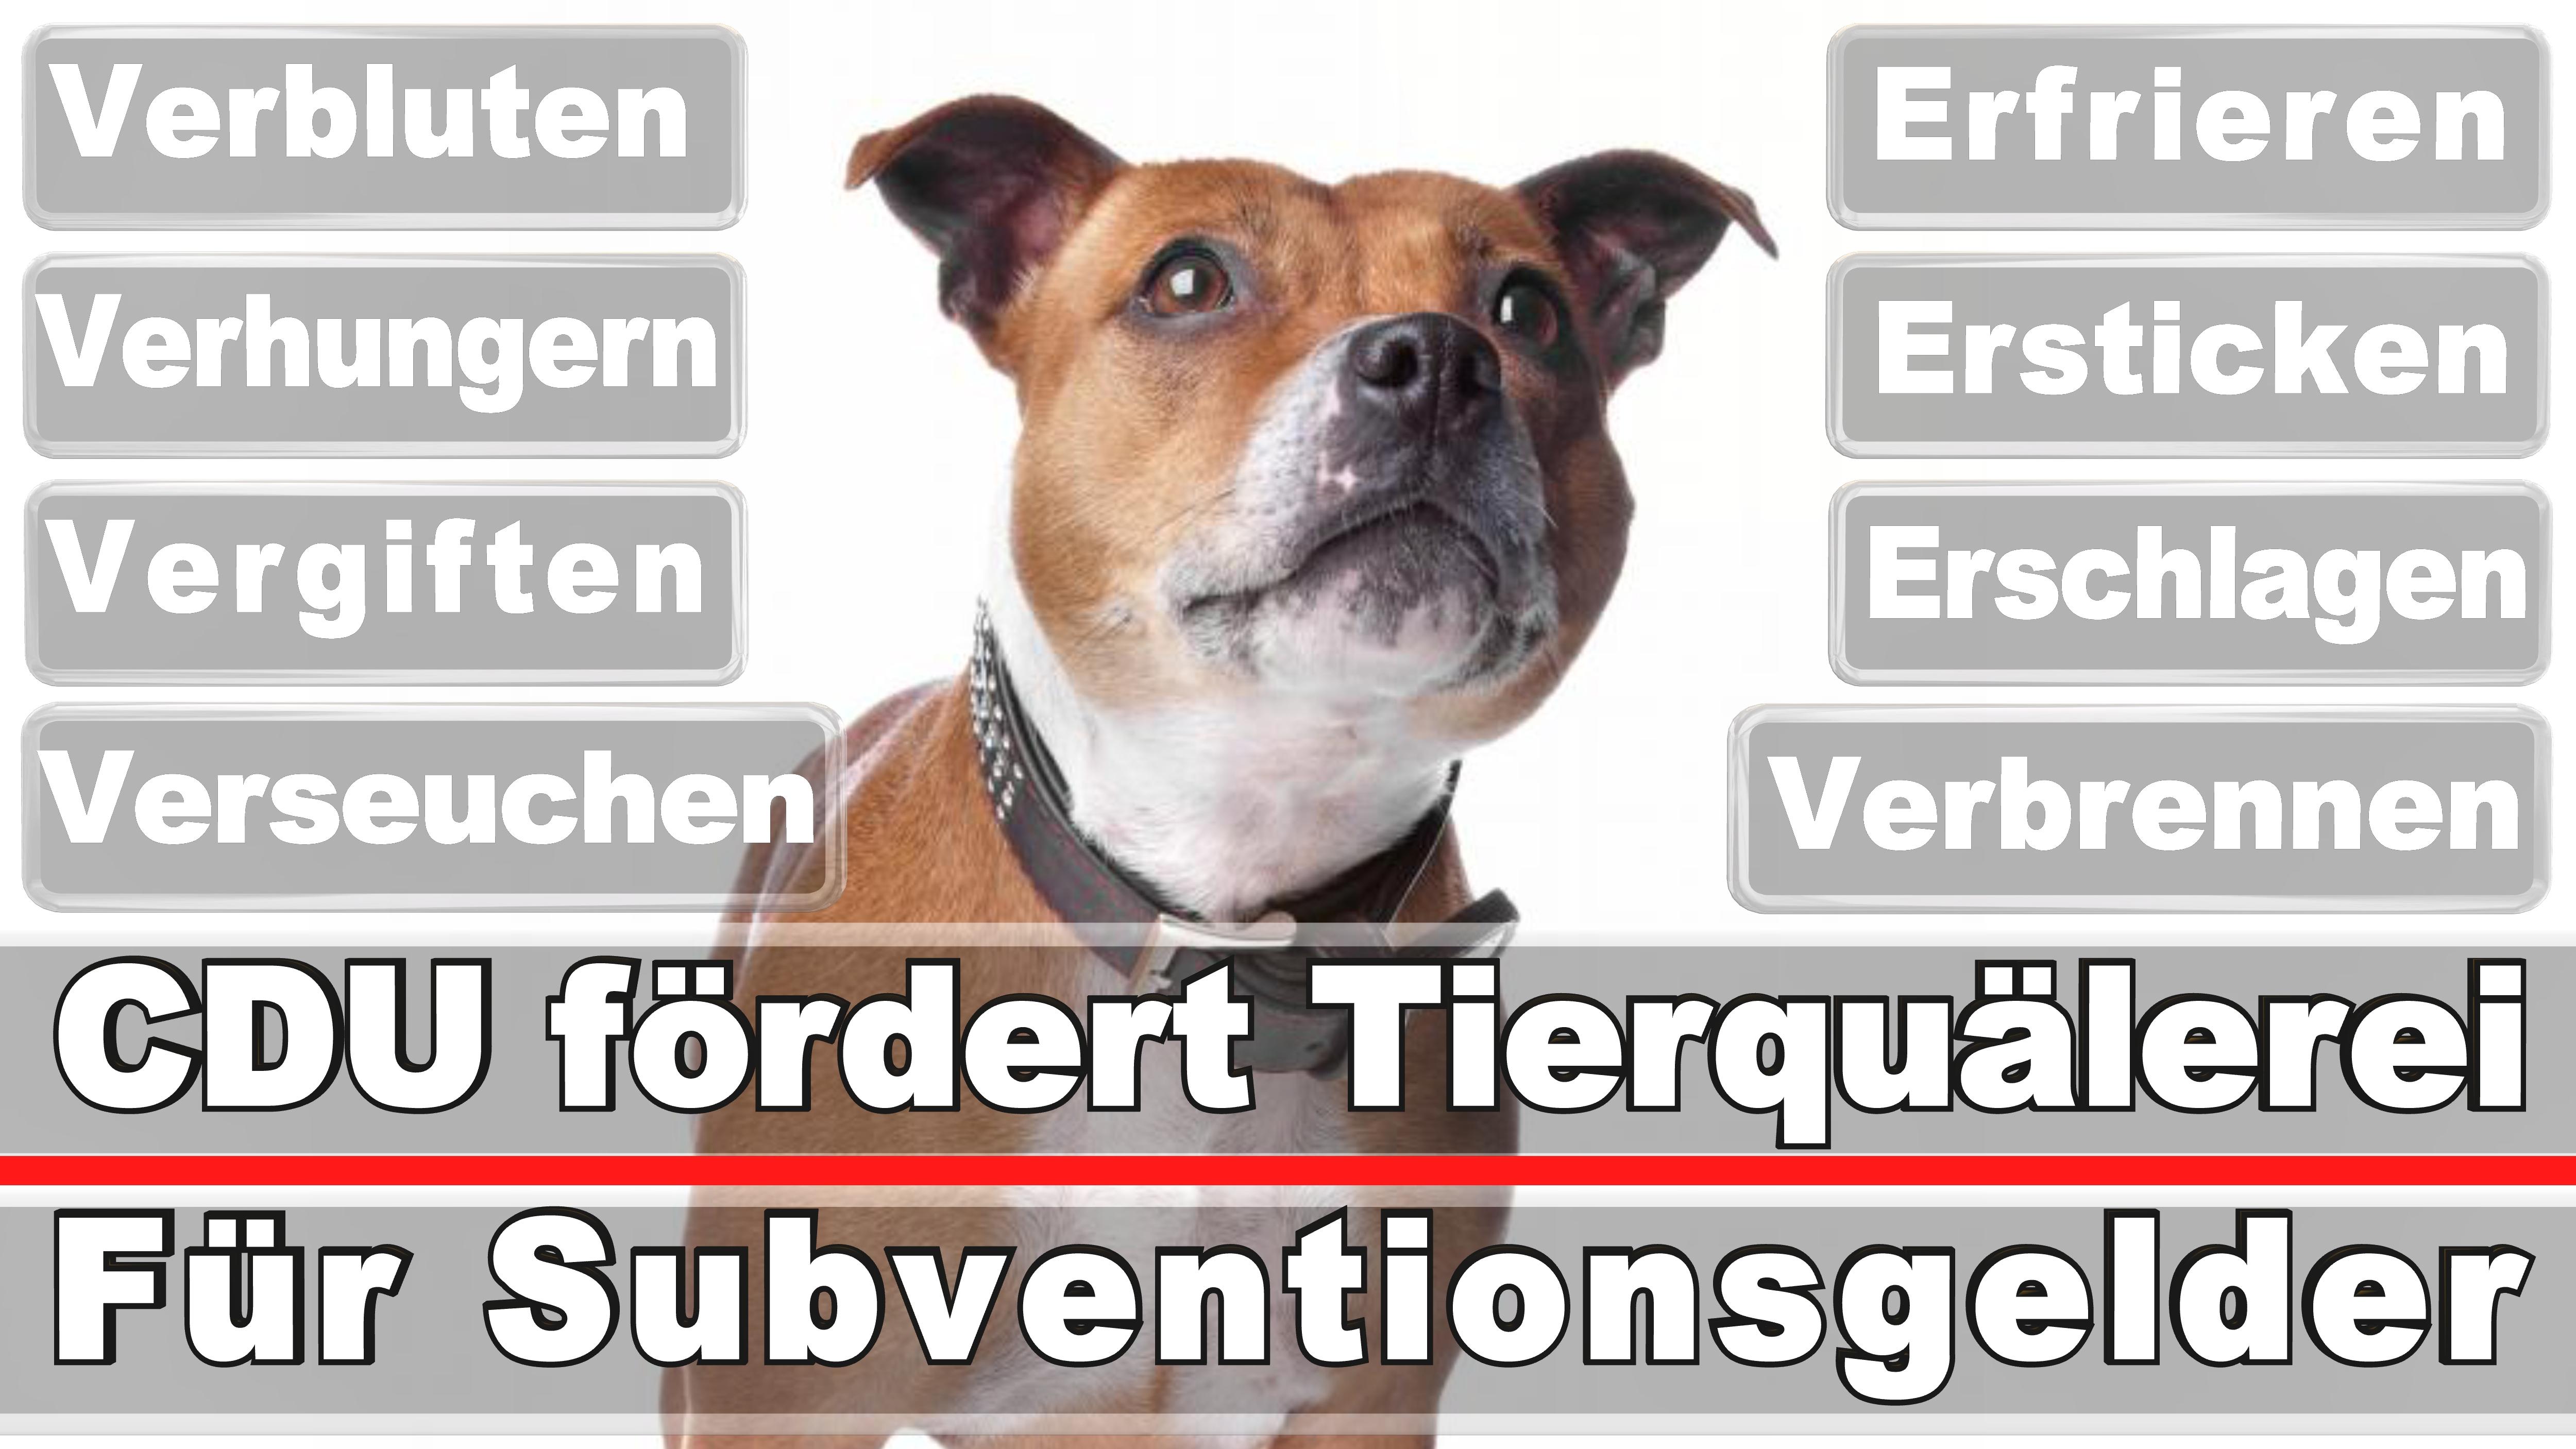 Landtagswahl-Bundestagswahl-CDU-SPD-FDP-AFD-Linke-Piraten (28)